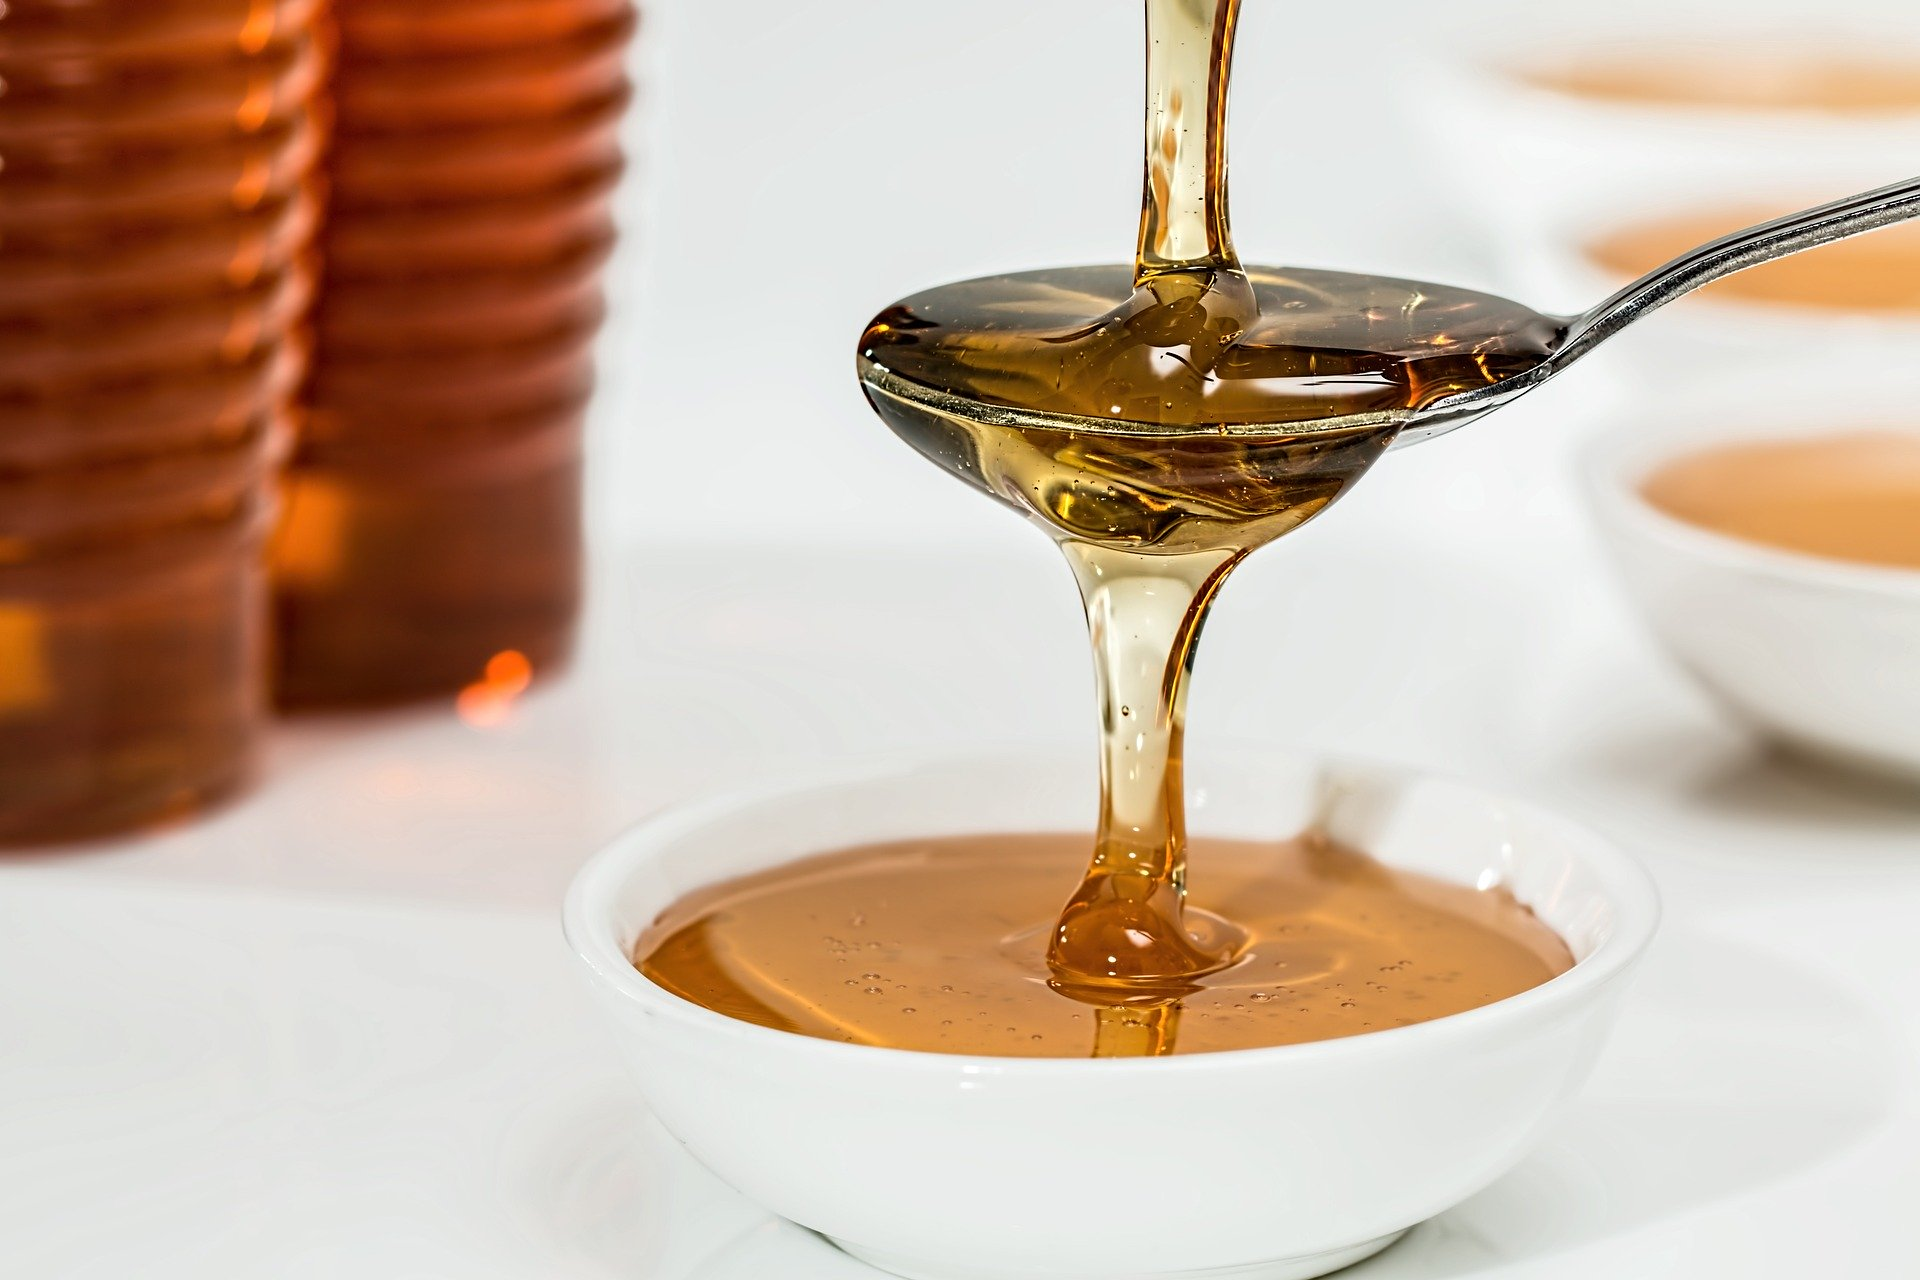 Pixabay, https://pixabay.com/pt/photos/mel-doces-xarope-org%C3%A2nicos-dourado-1006972/